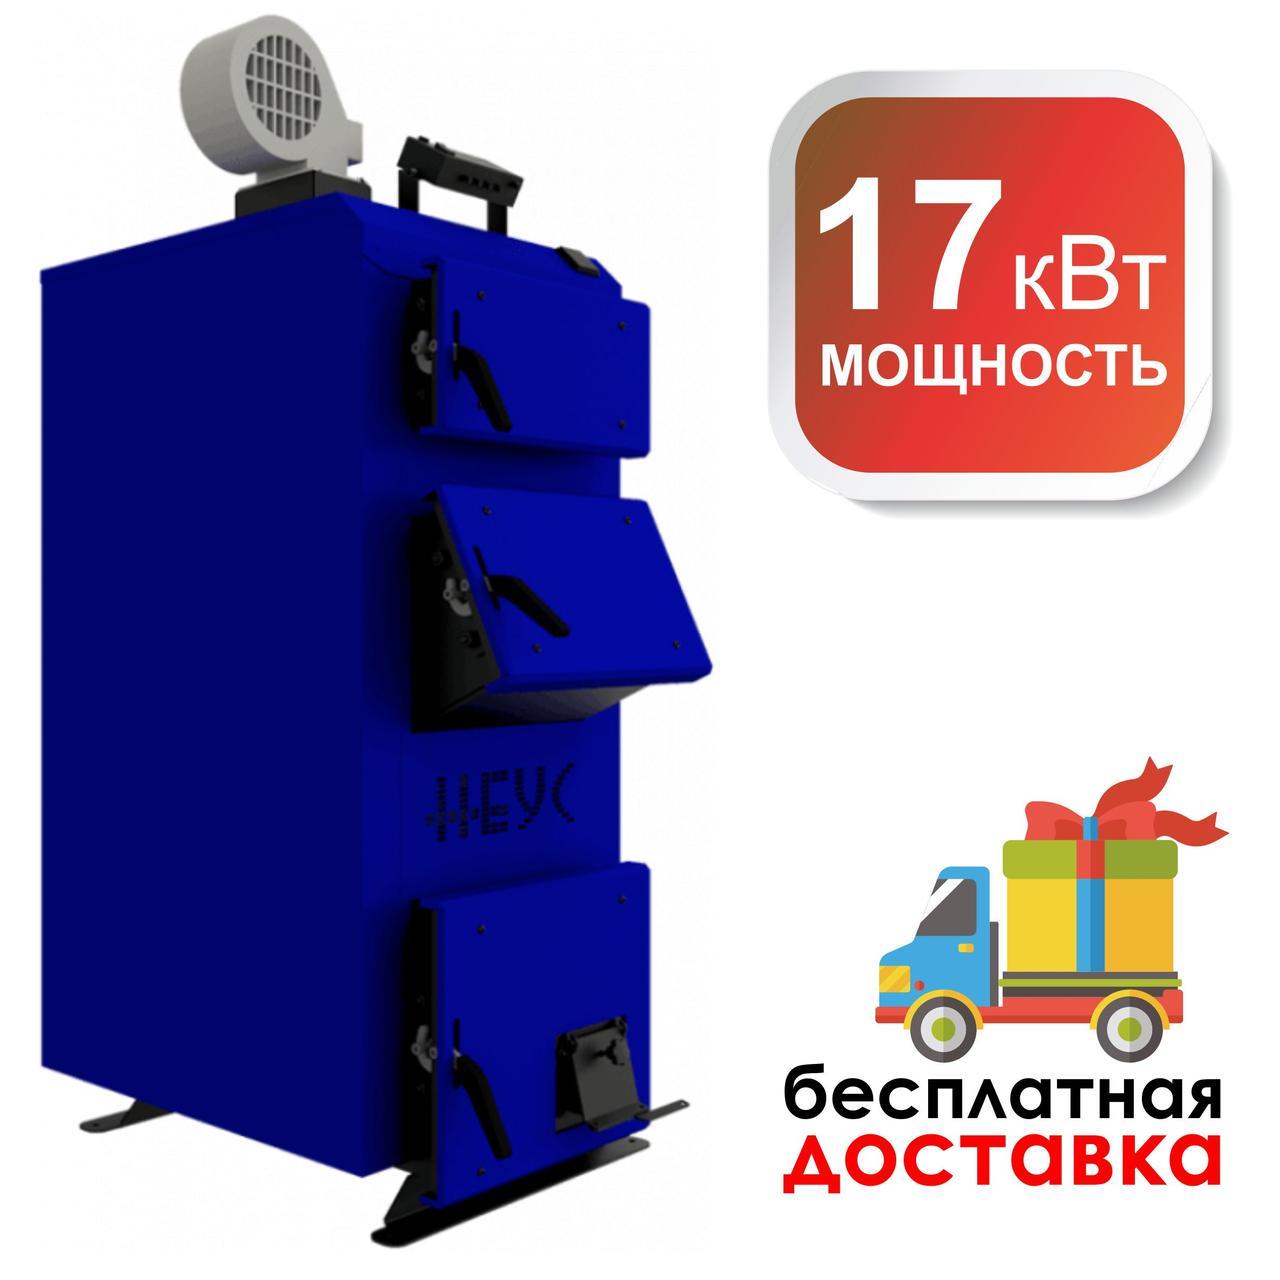 Стальной котел длительного горения Neus-B мощностью 17 кВт (Неус-В)